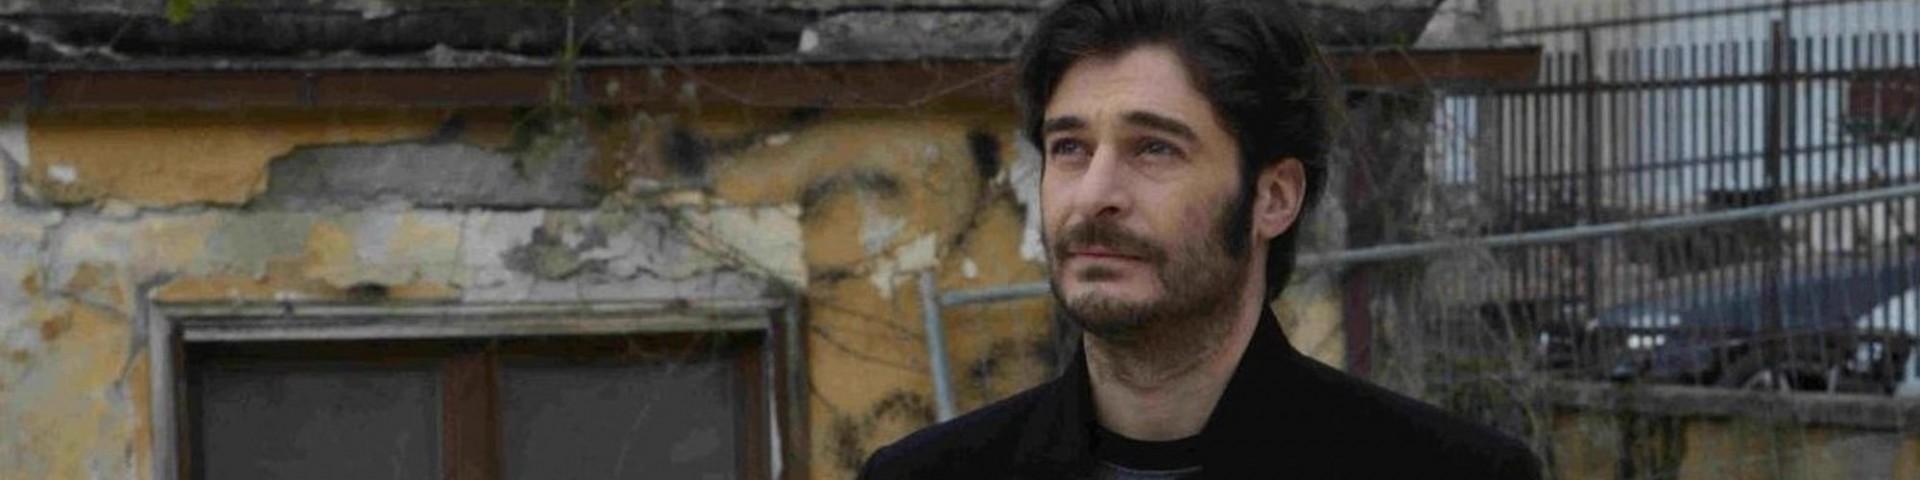 """Lino Guanciale ricorda il terremoto a L'Aquila: """"La libreria mi stava cadendo addosso"""""""